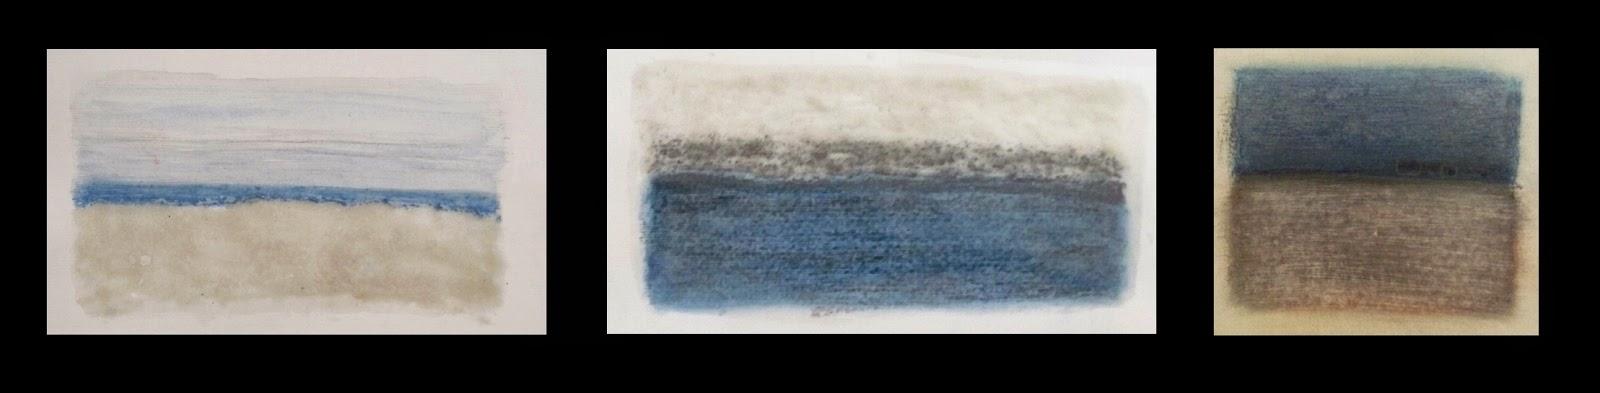 venta de cuadros abstractos cuadros abstractos cuadros abstractos modernos venta de cuadros